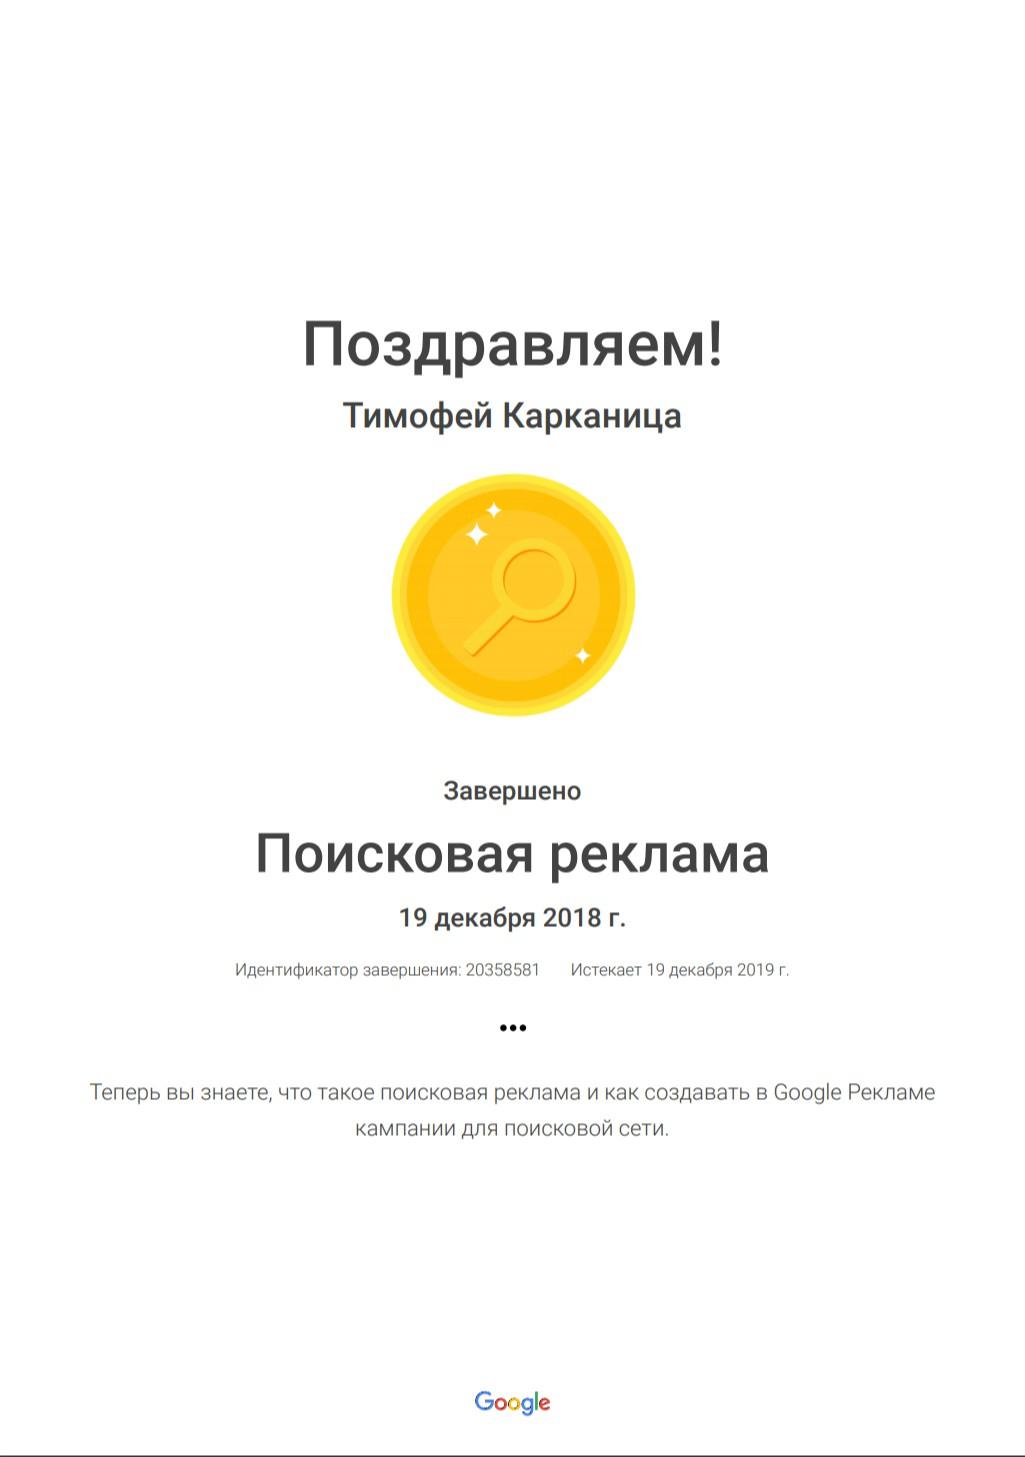 Сертификат по поисковой рекламе в Google Рекламе